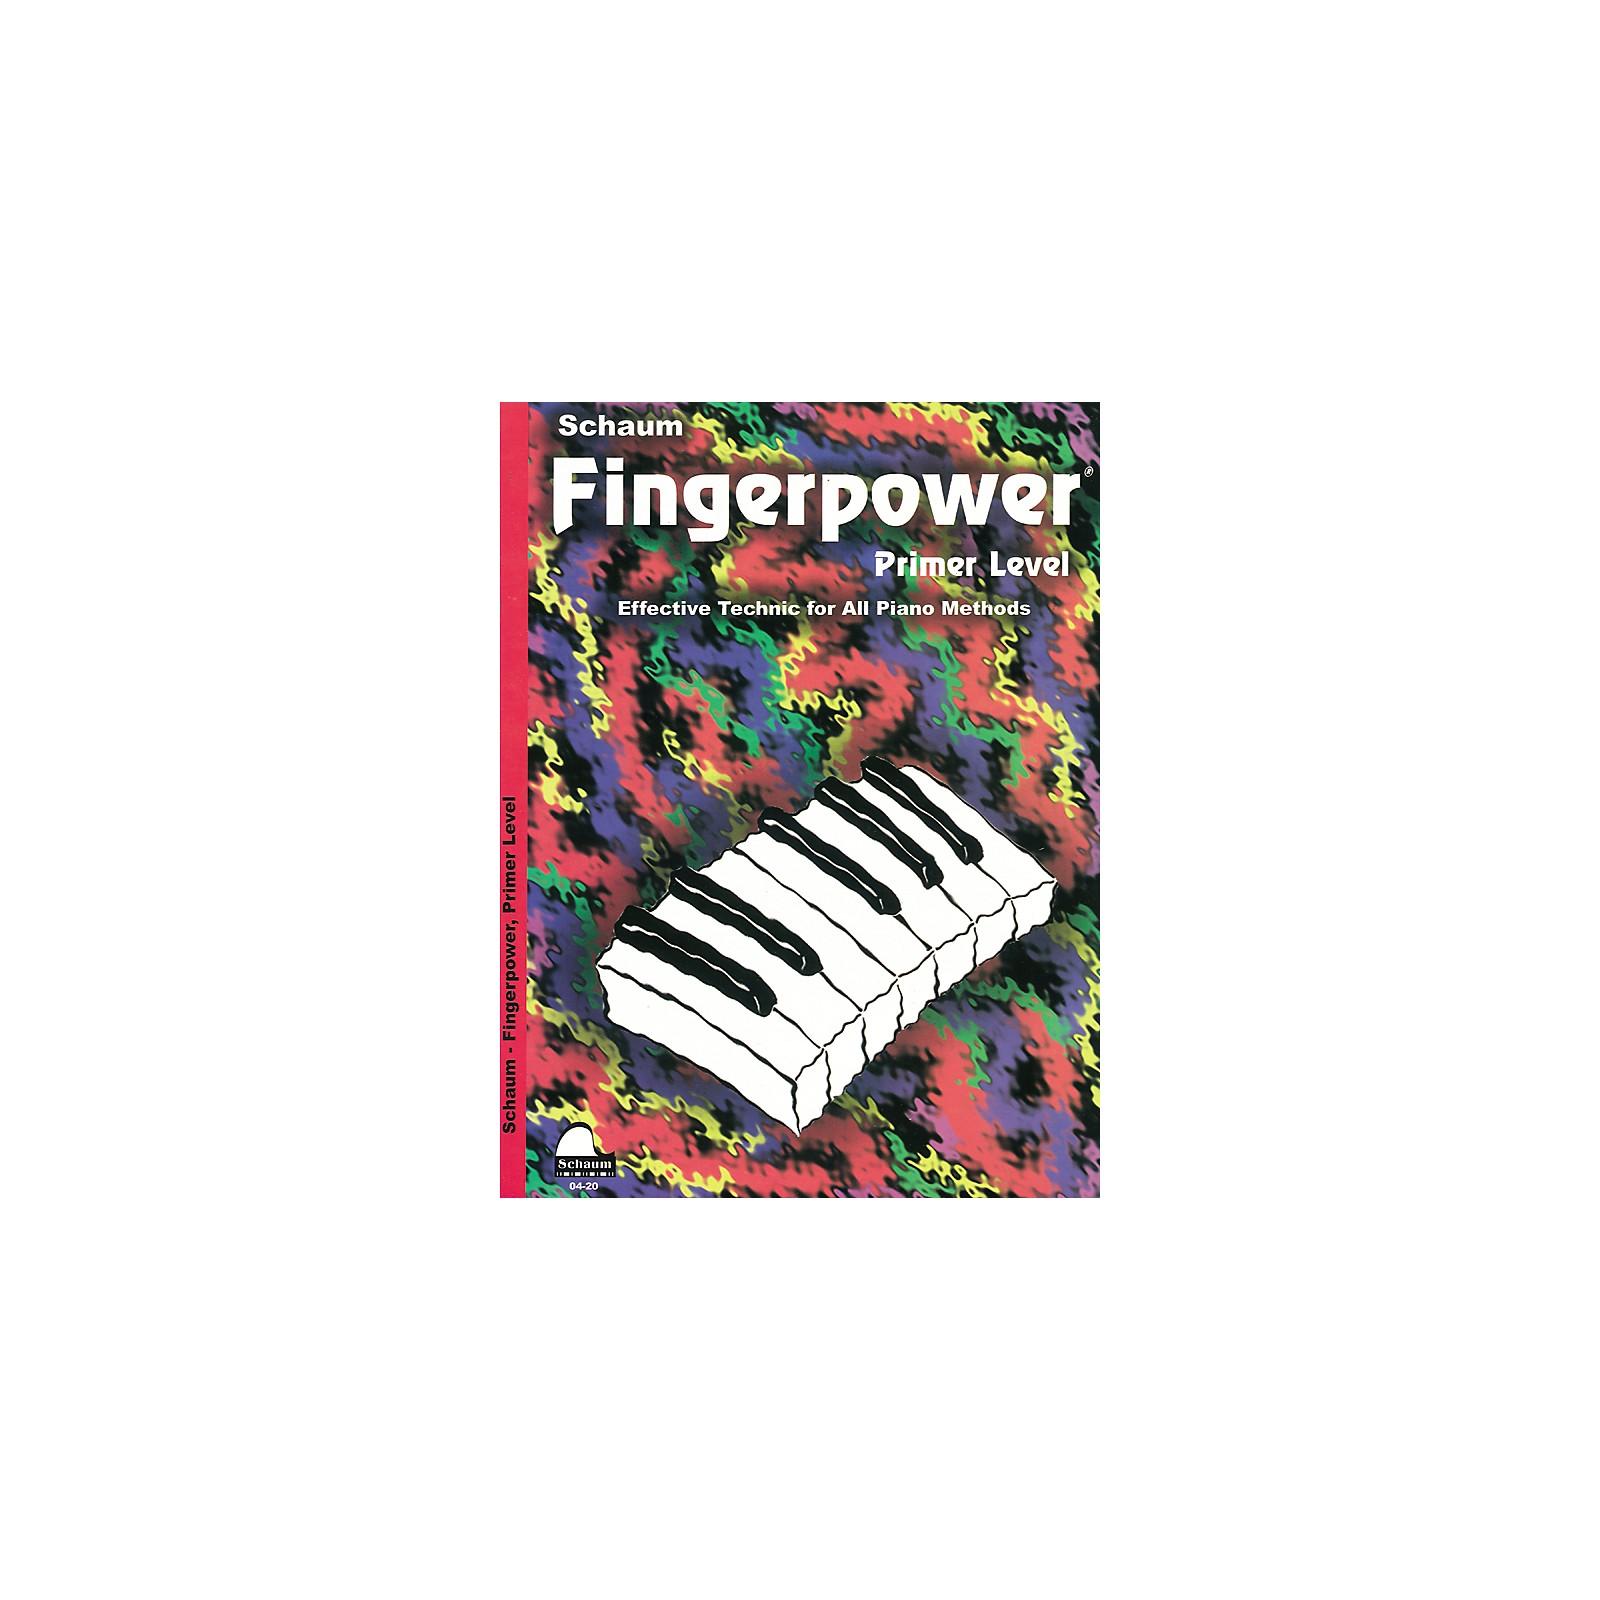 SCHAUM Fingerpower Book Primer